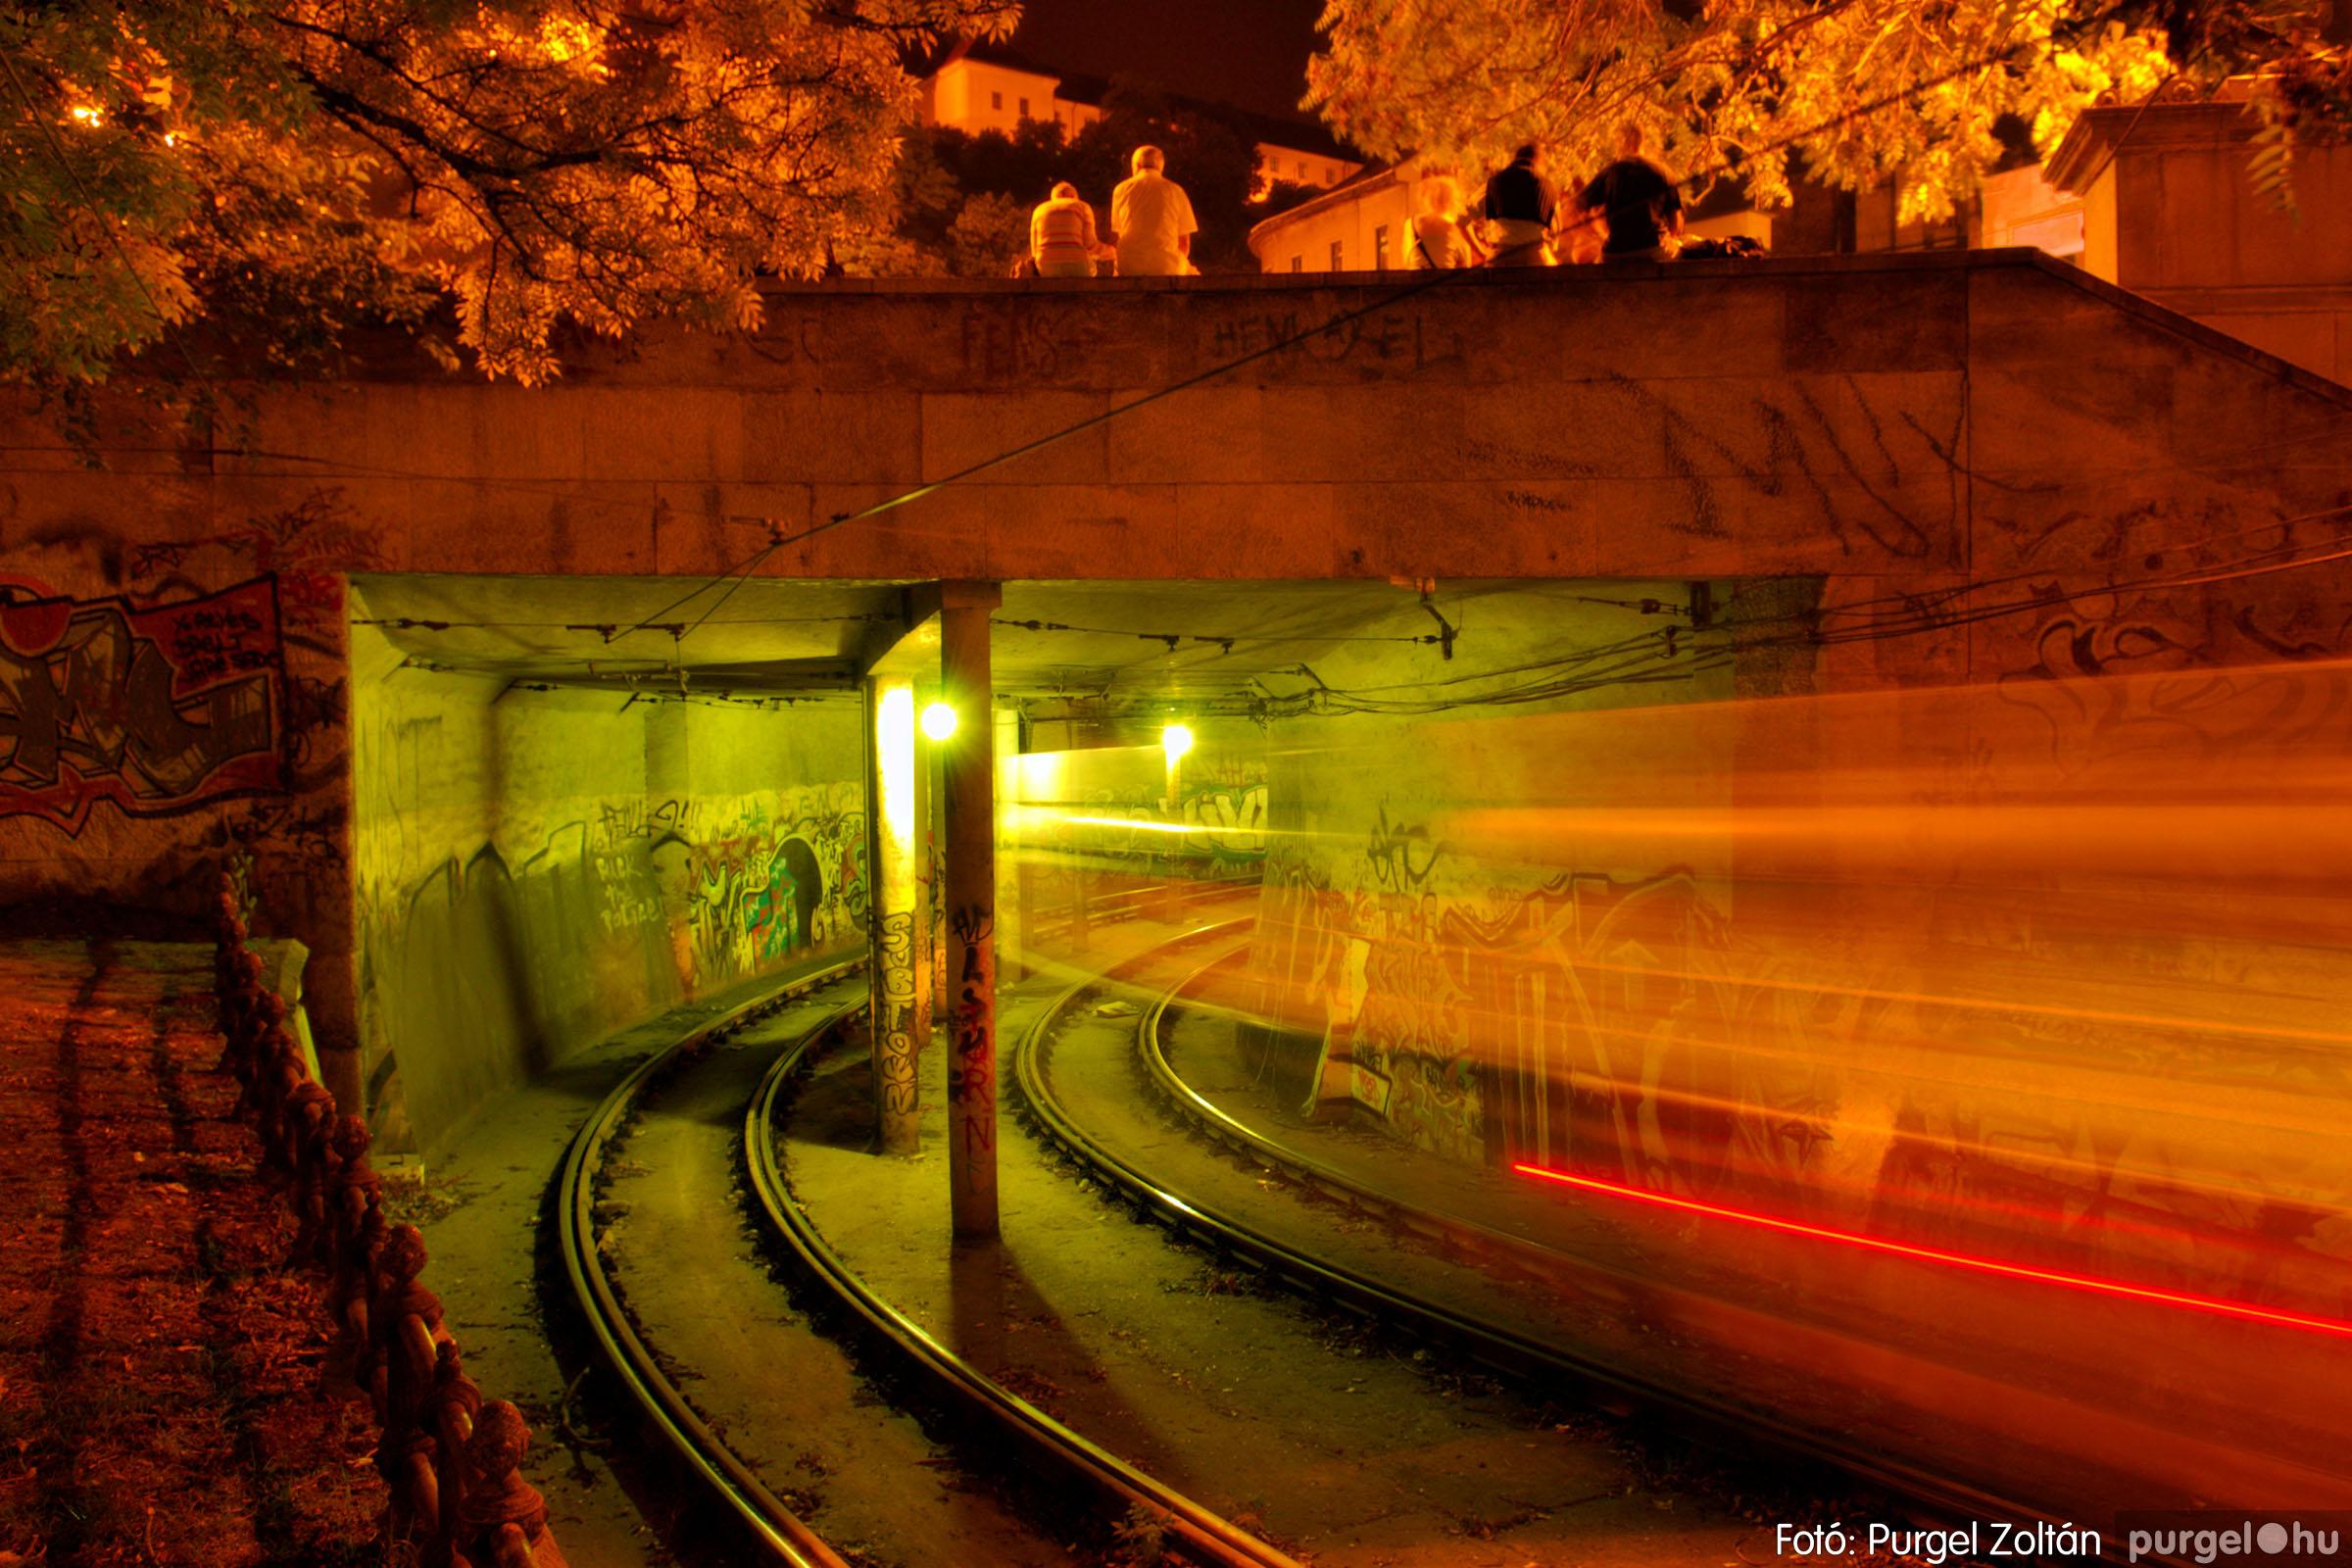 028 Örök pillanatok fotókiállításom képei - Út a jövőbe · Way to the future - Fotó:PURGEL ZOLTÁN©.jpg